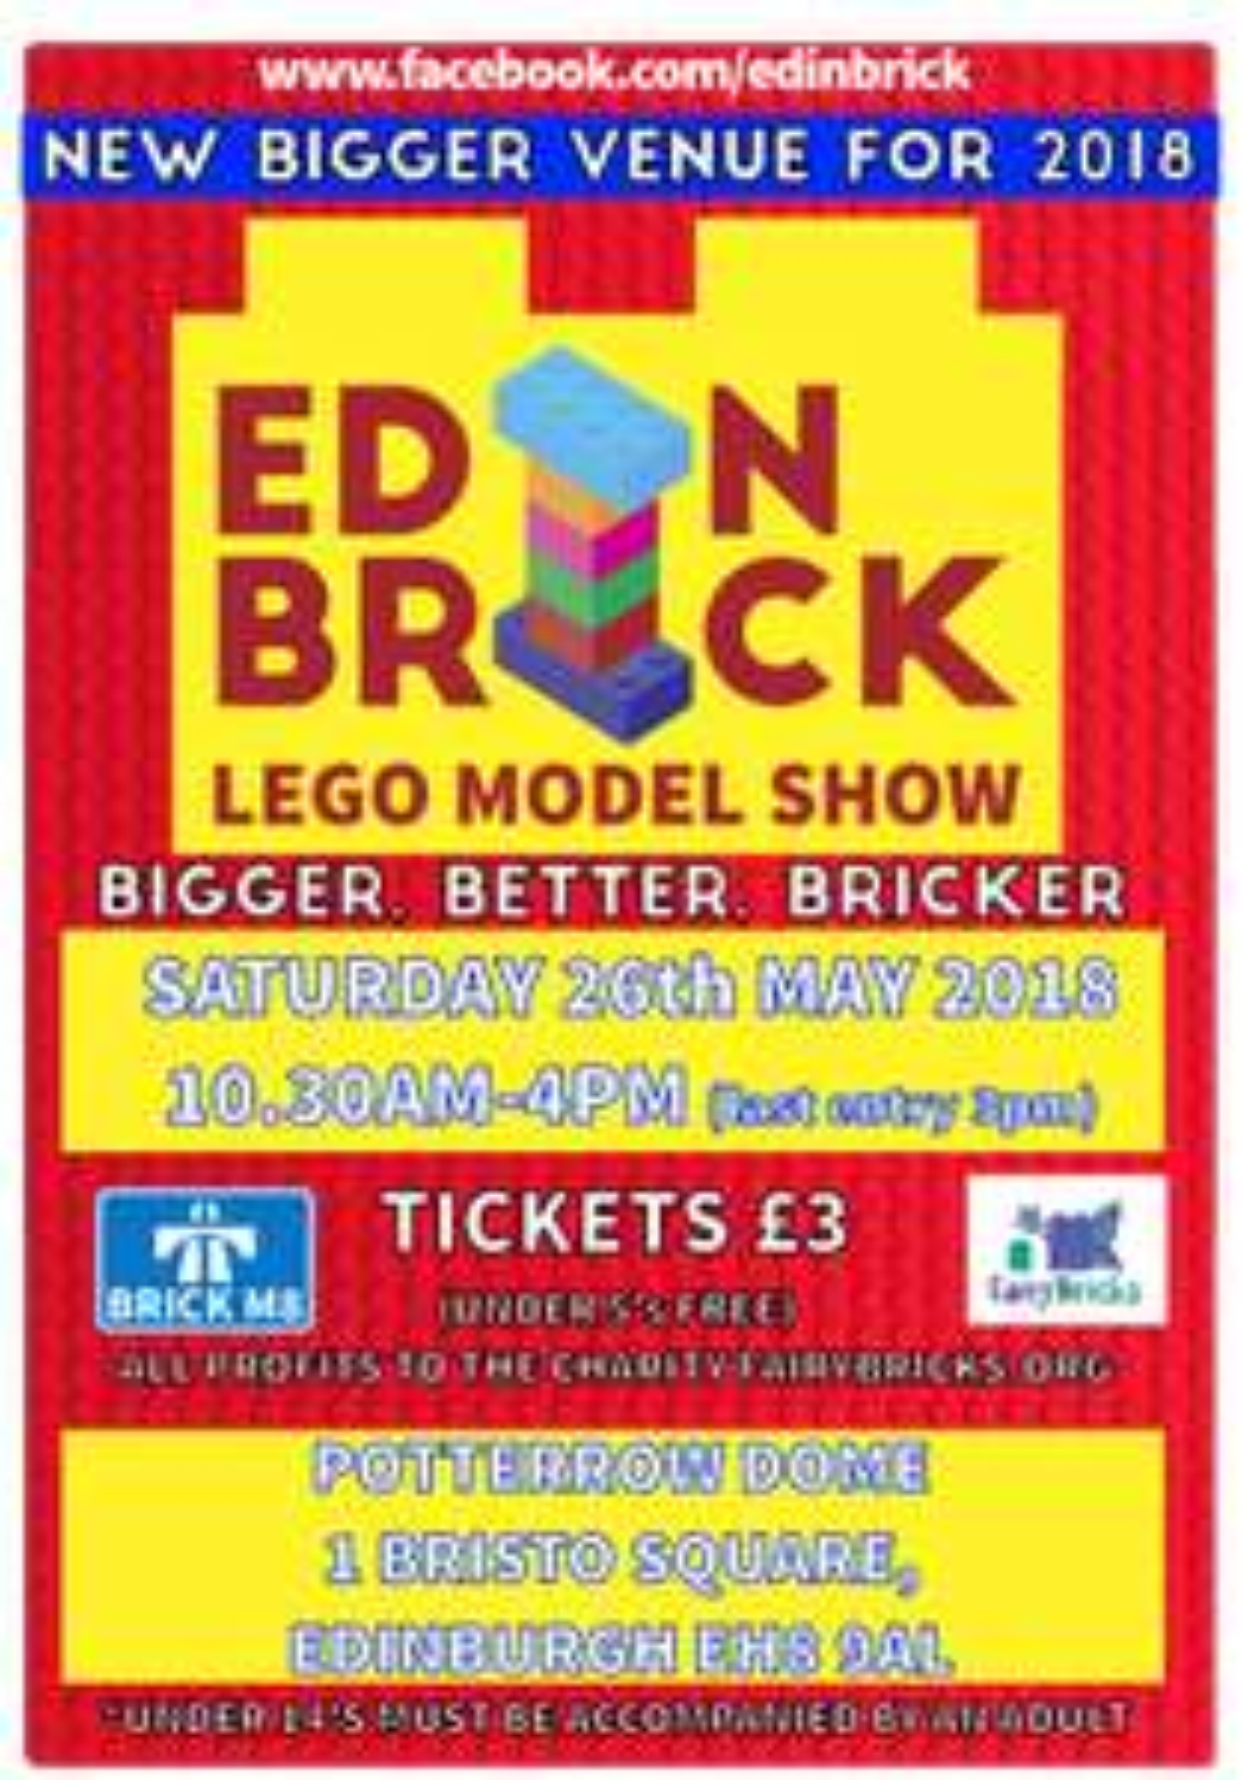 Edinburgh LEGO Model Show tickets £3